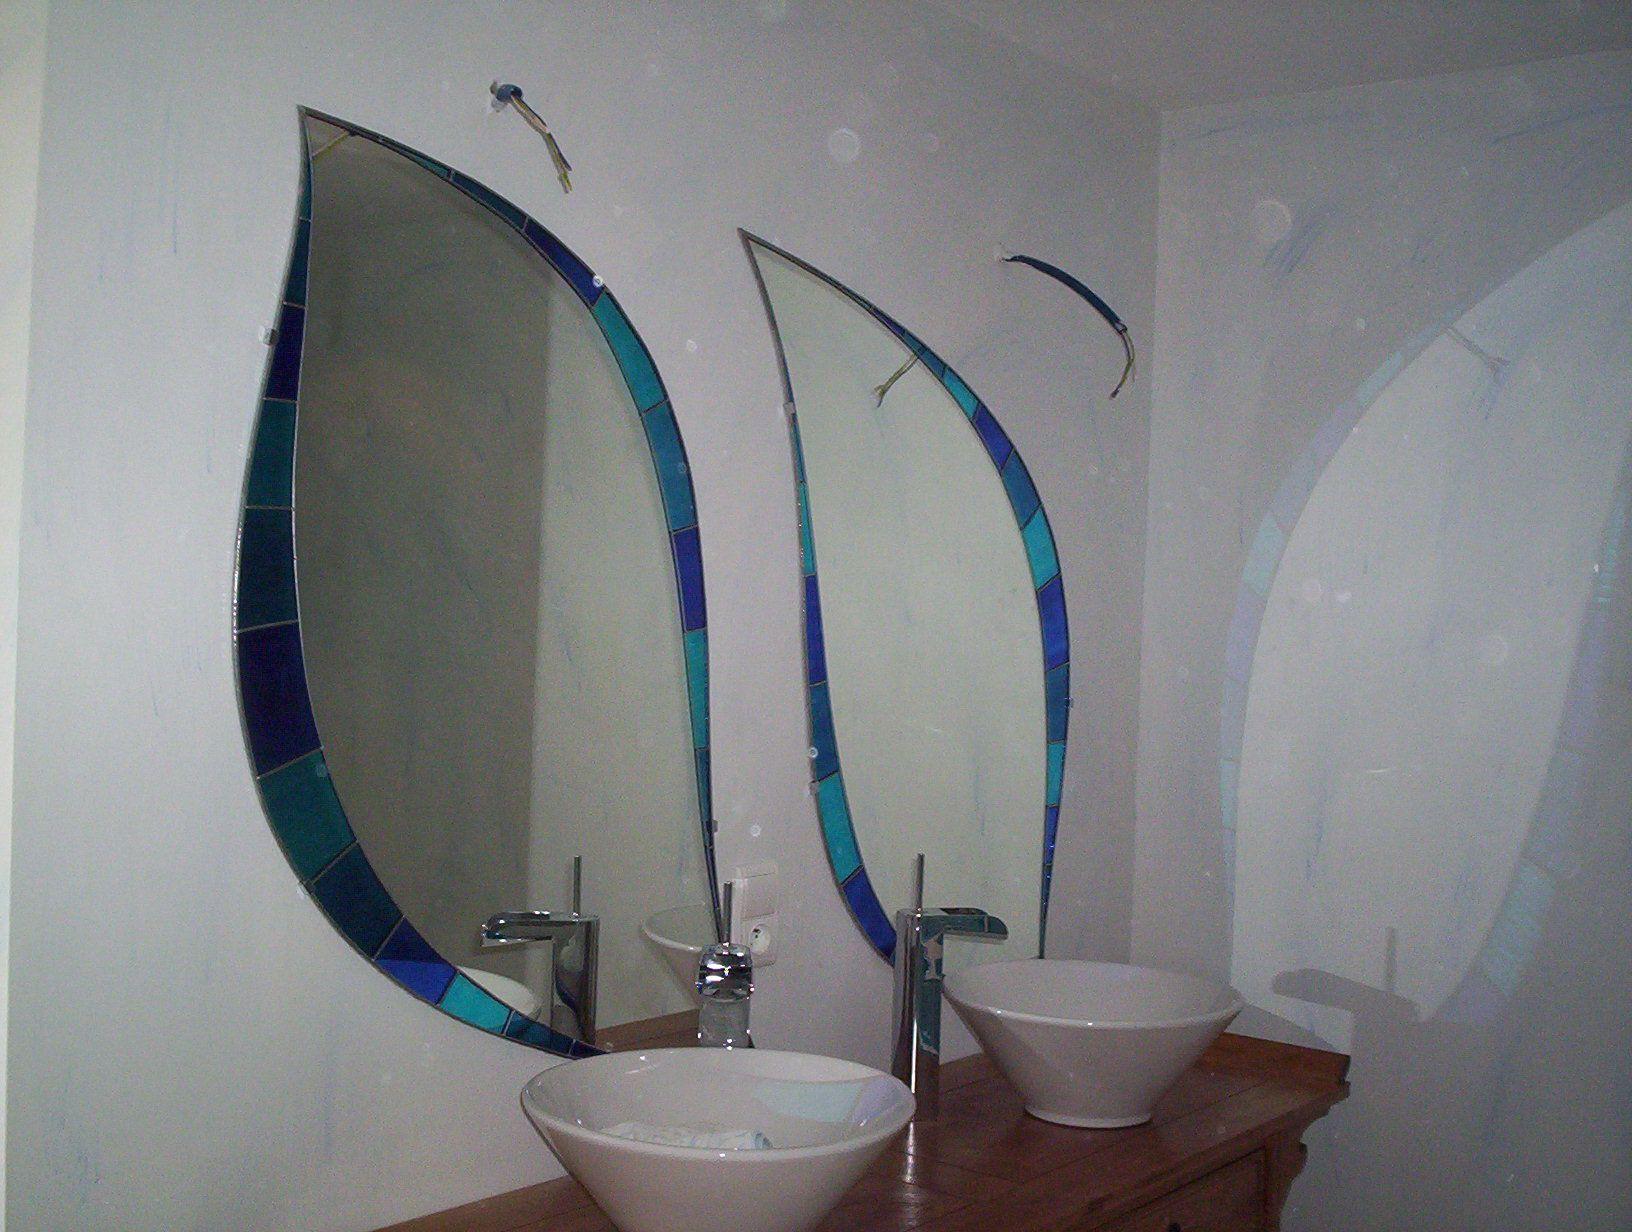 Le savoir verre - Ecrire en miroir ...